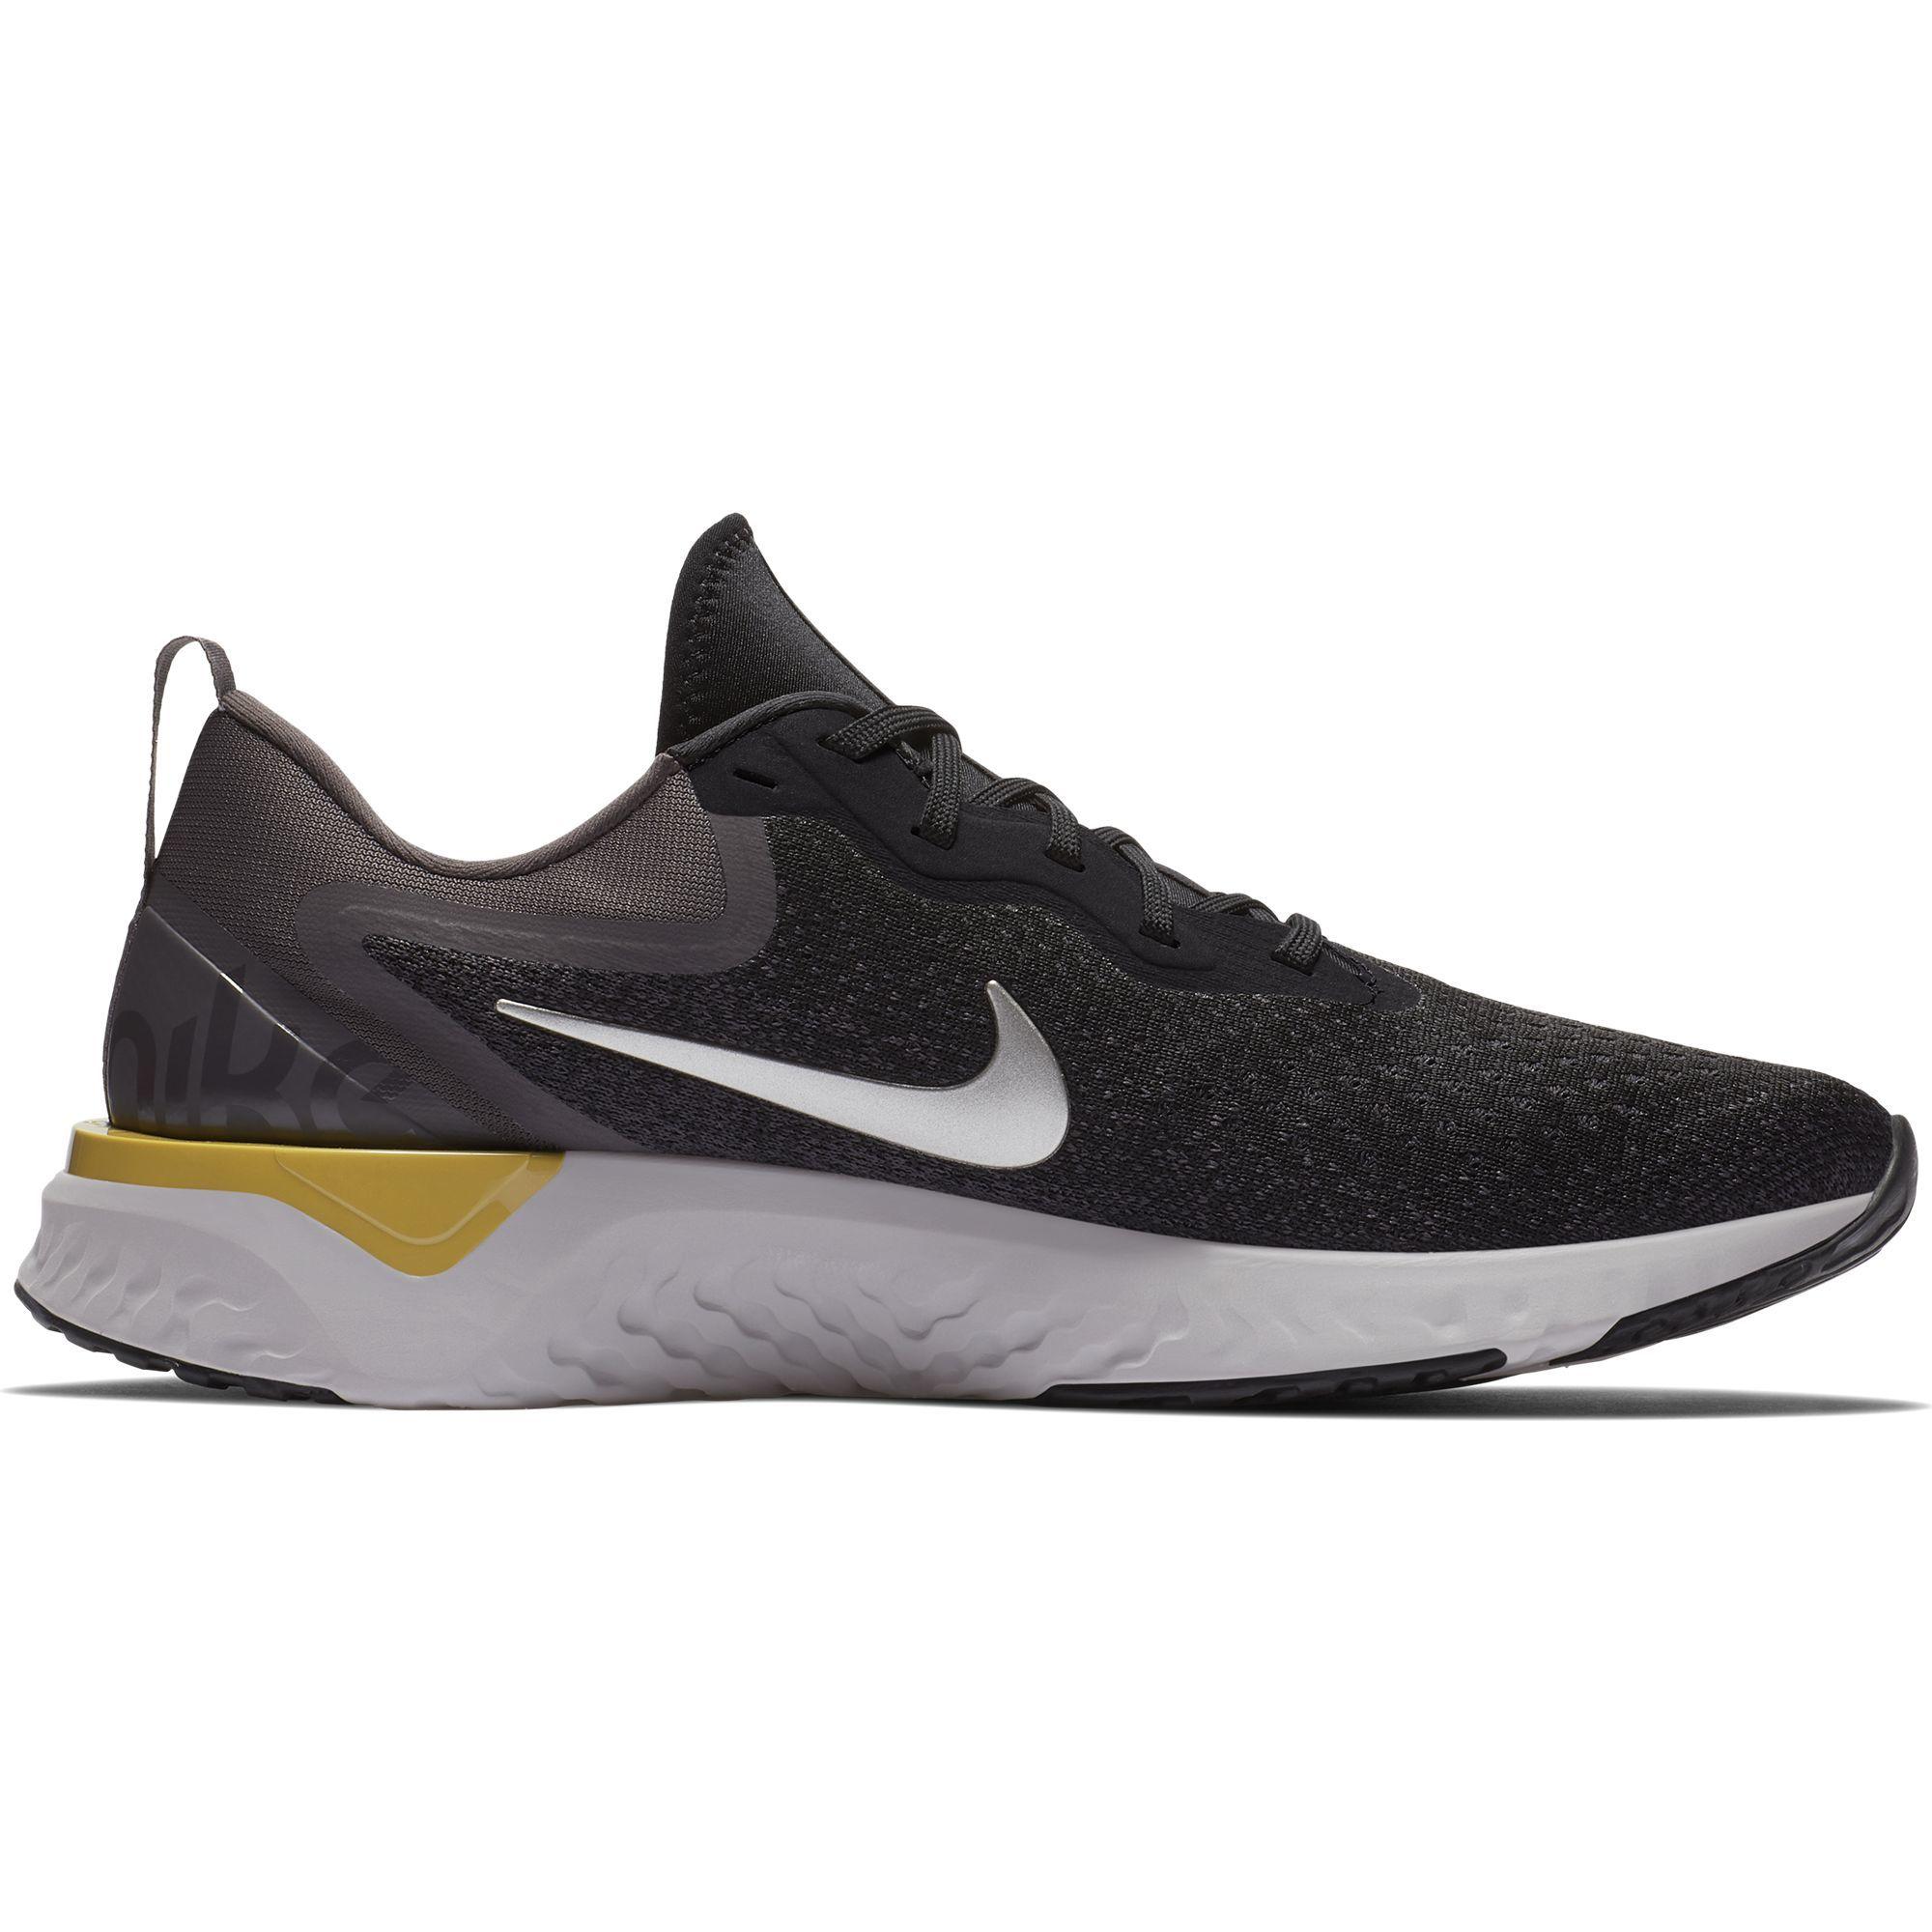 Nike Odyssey React in Schwarz Grau